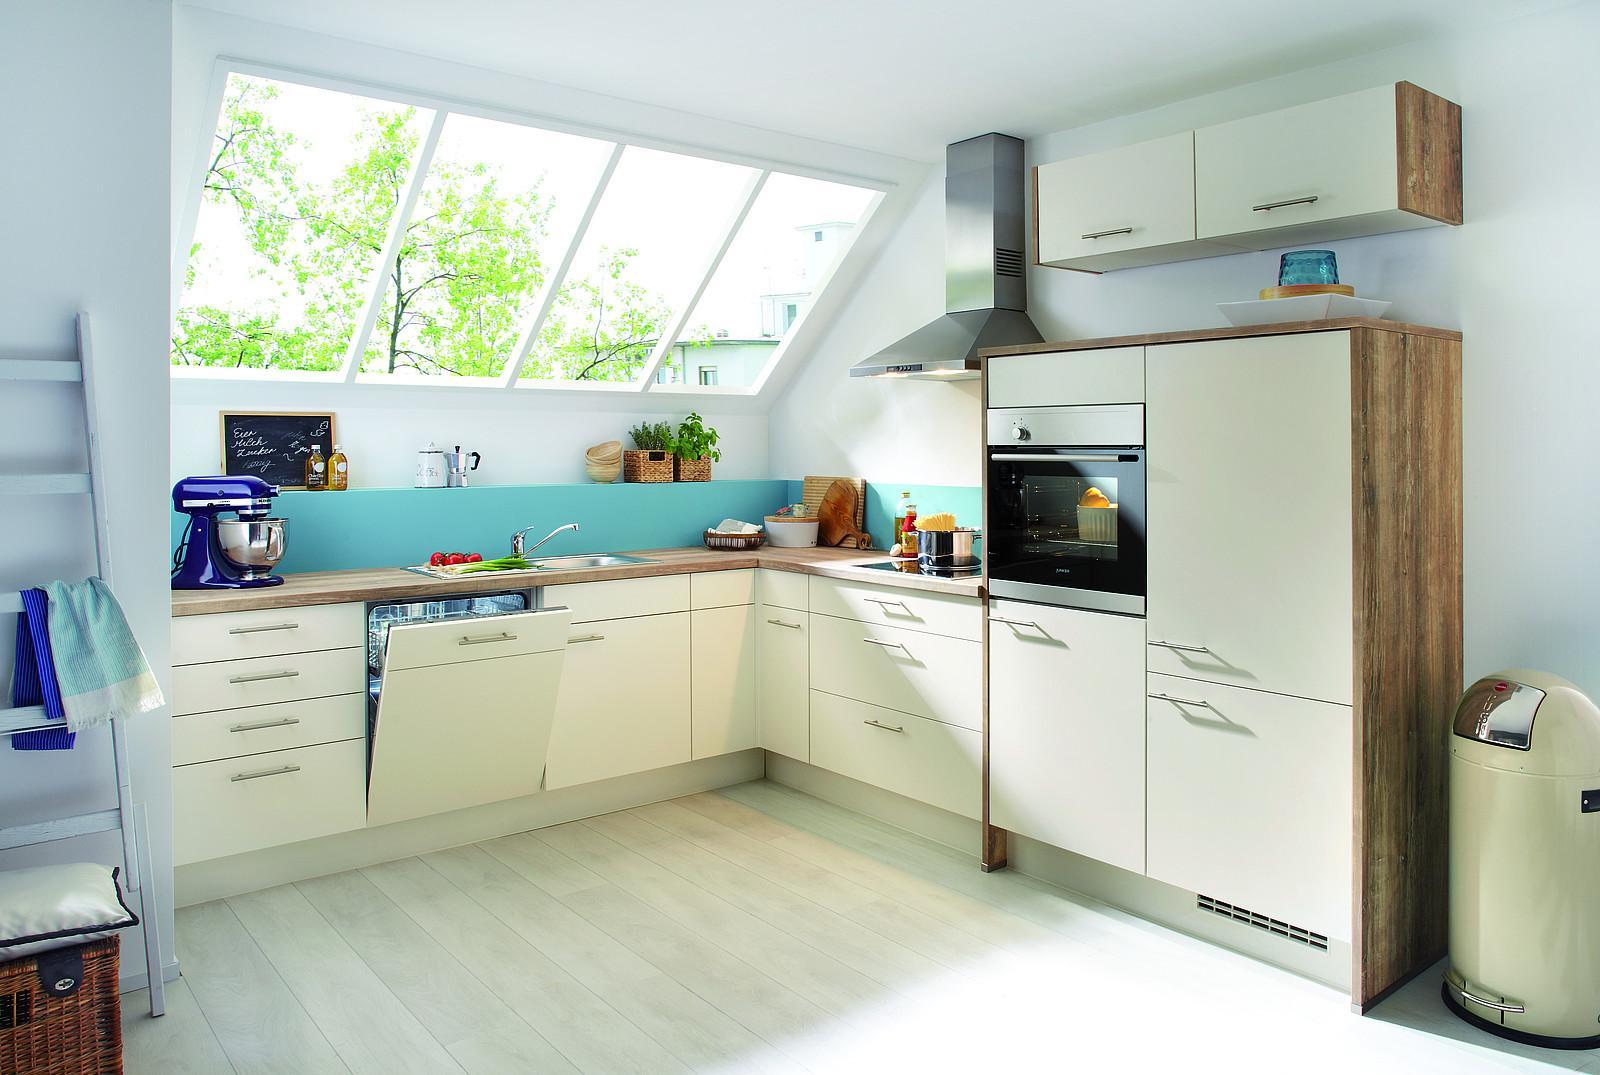 Küche Dachschräge Ikea